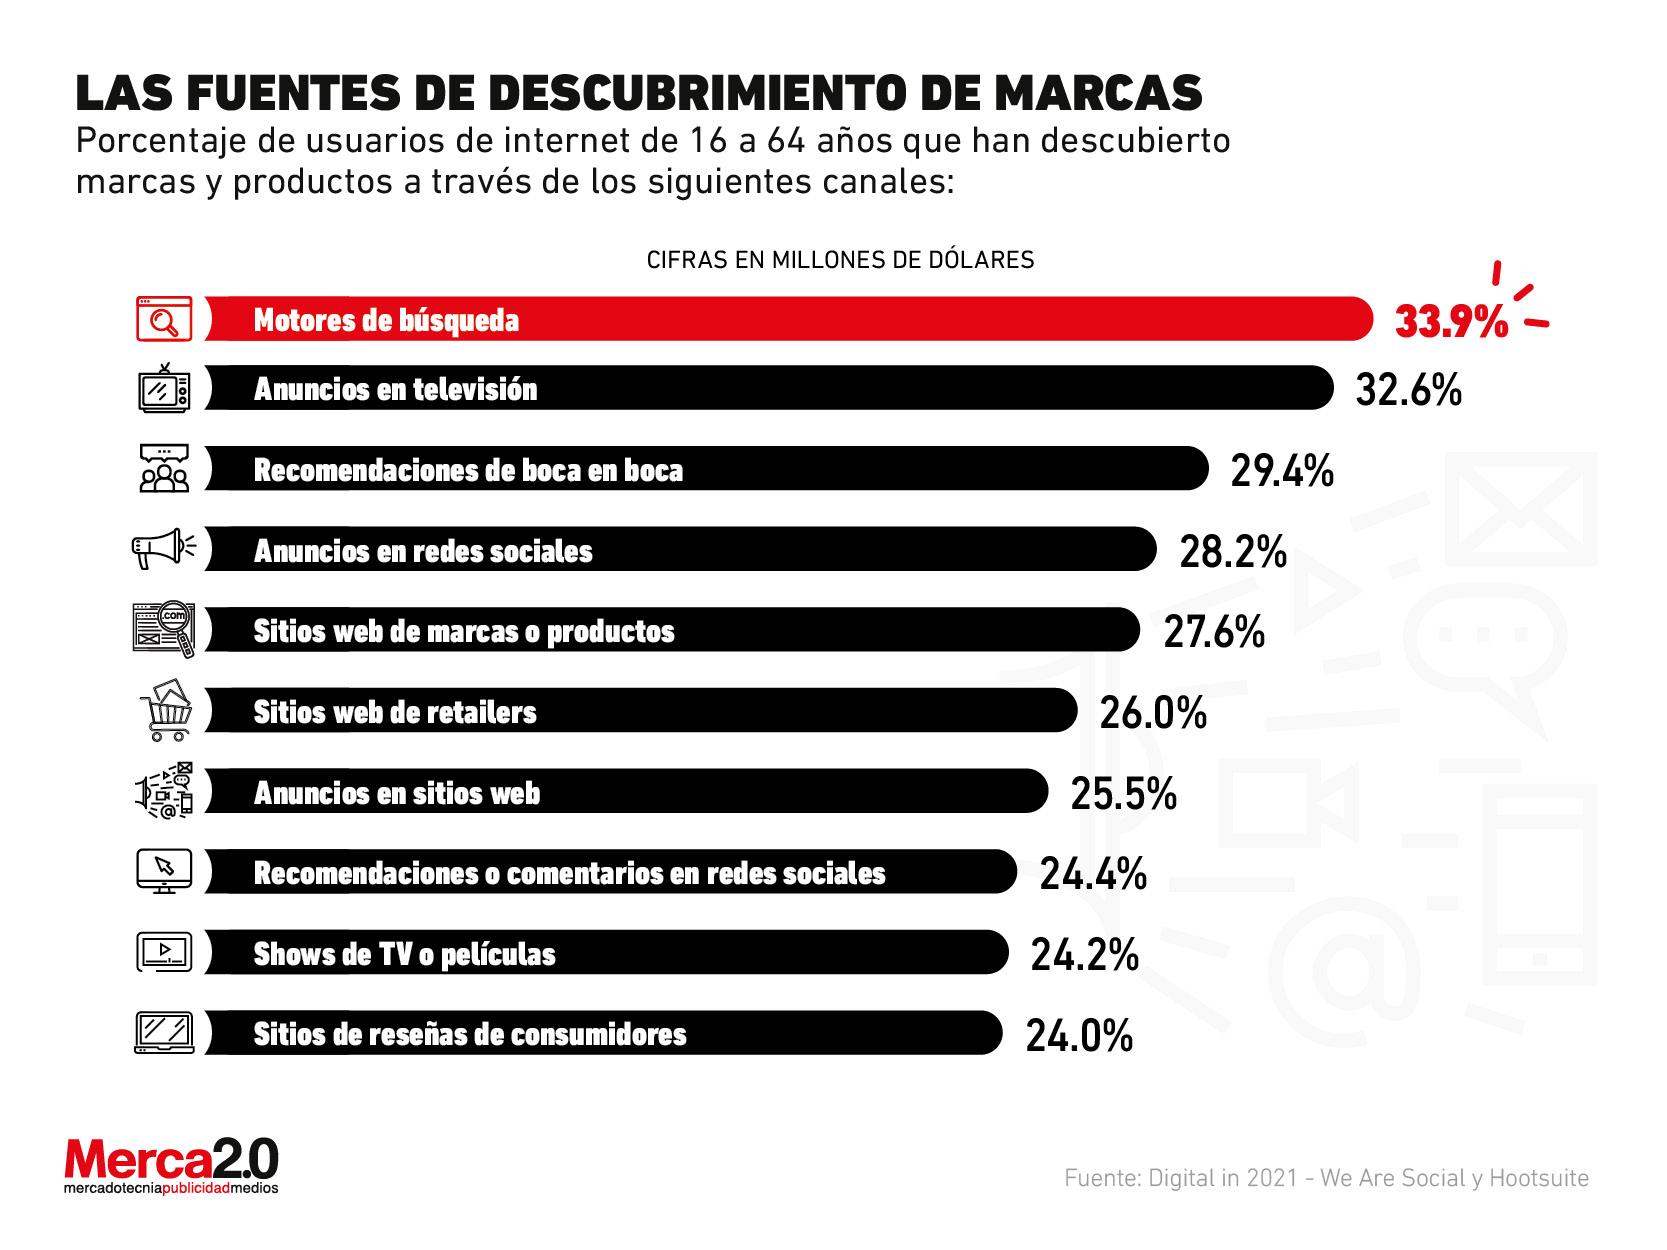 Las principales fuentes donde el consumidor descubre a las marcas